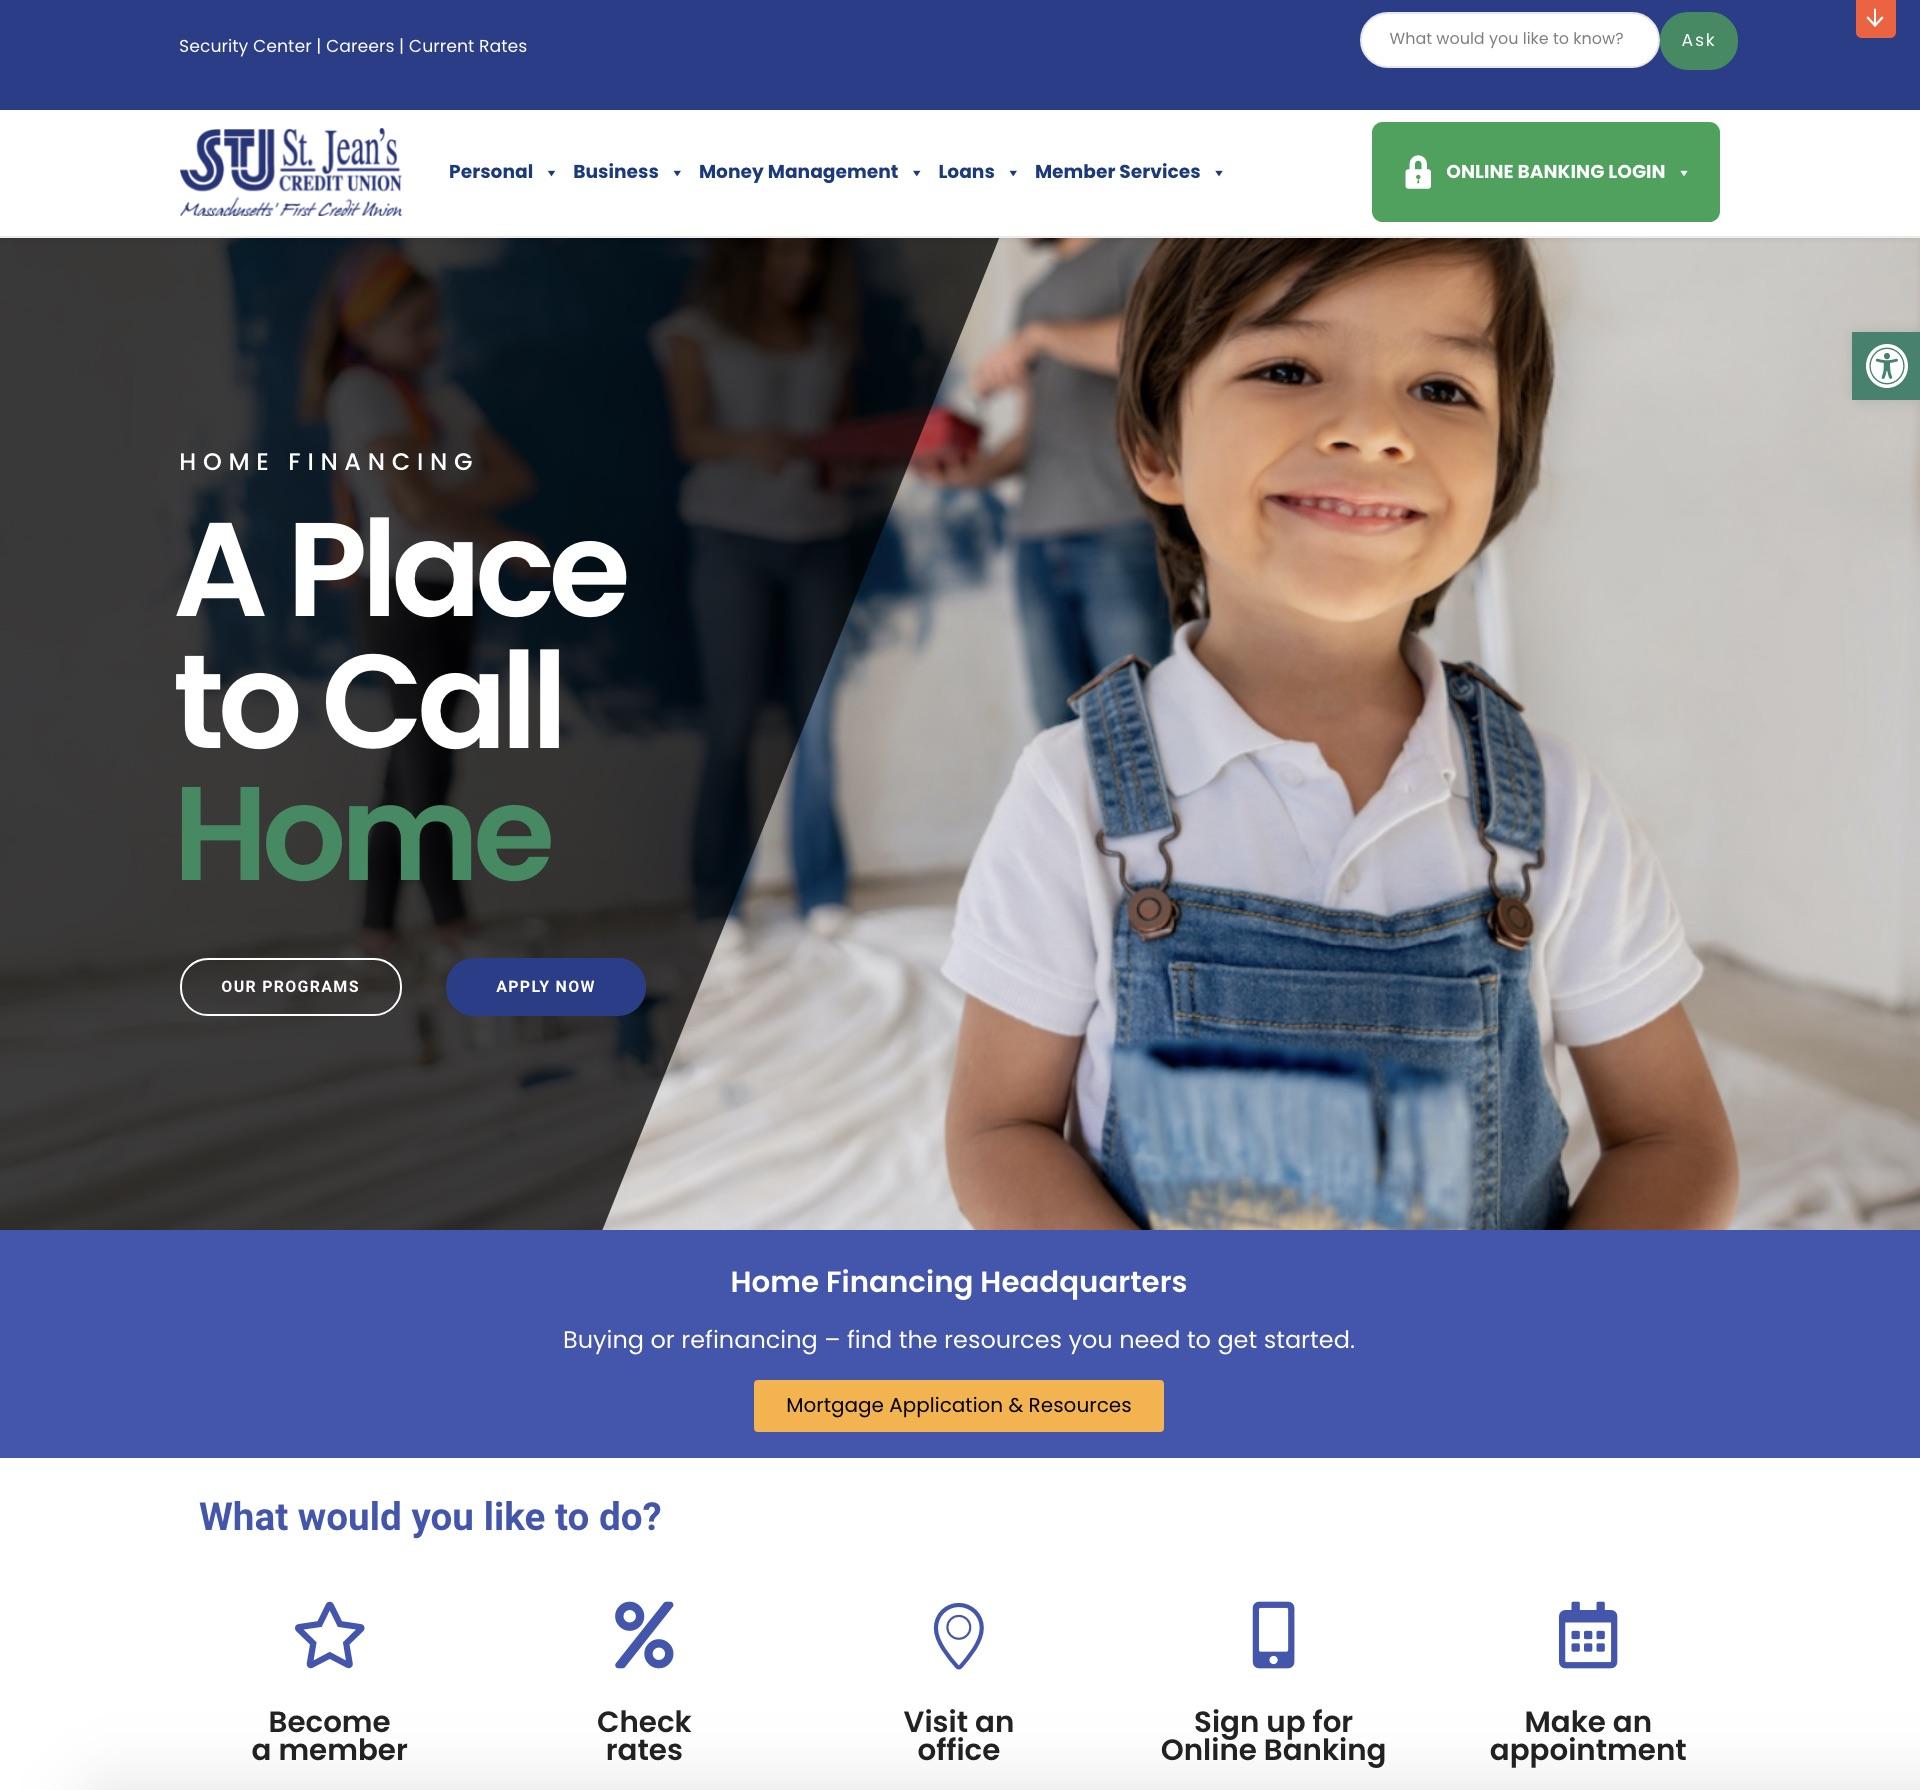 St. Jean's Credit Union